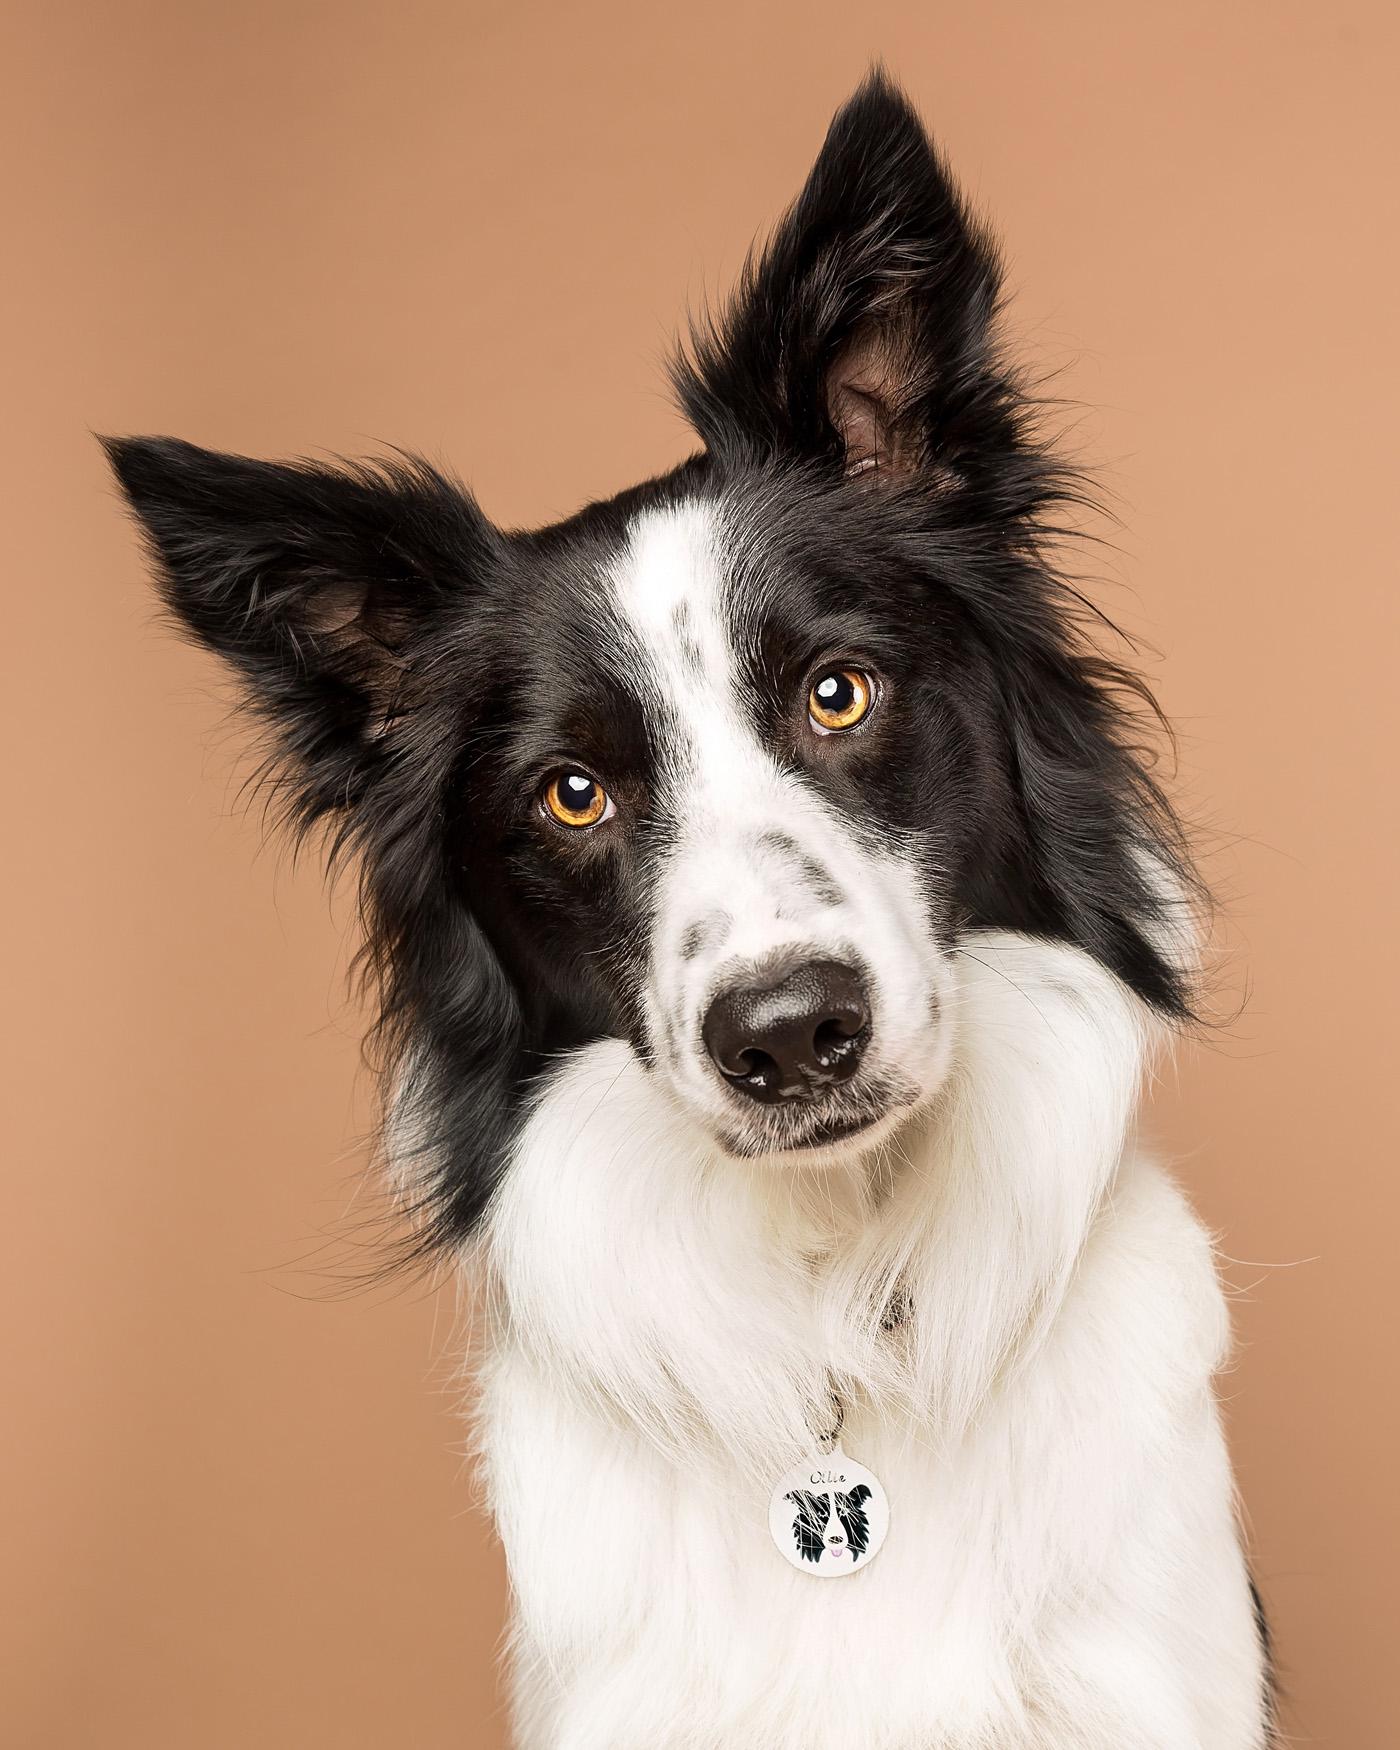 самые умные собаки с картинками сладкого острого перца